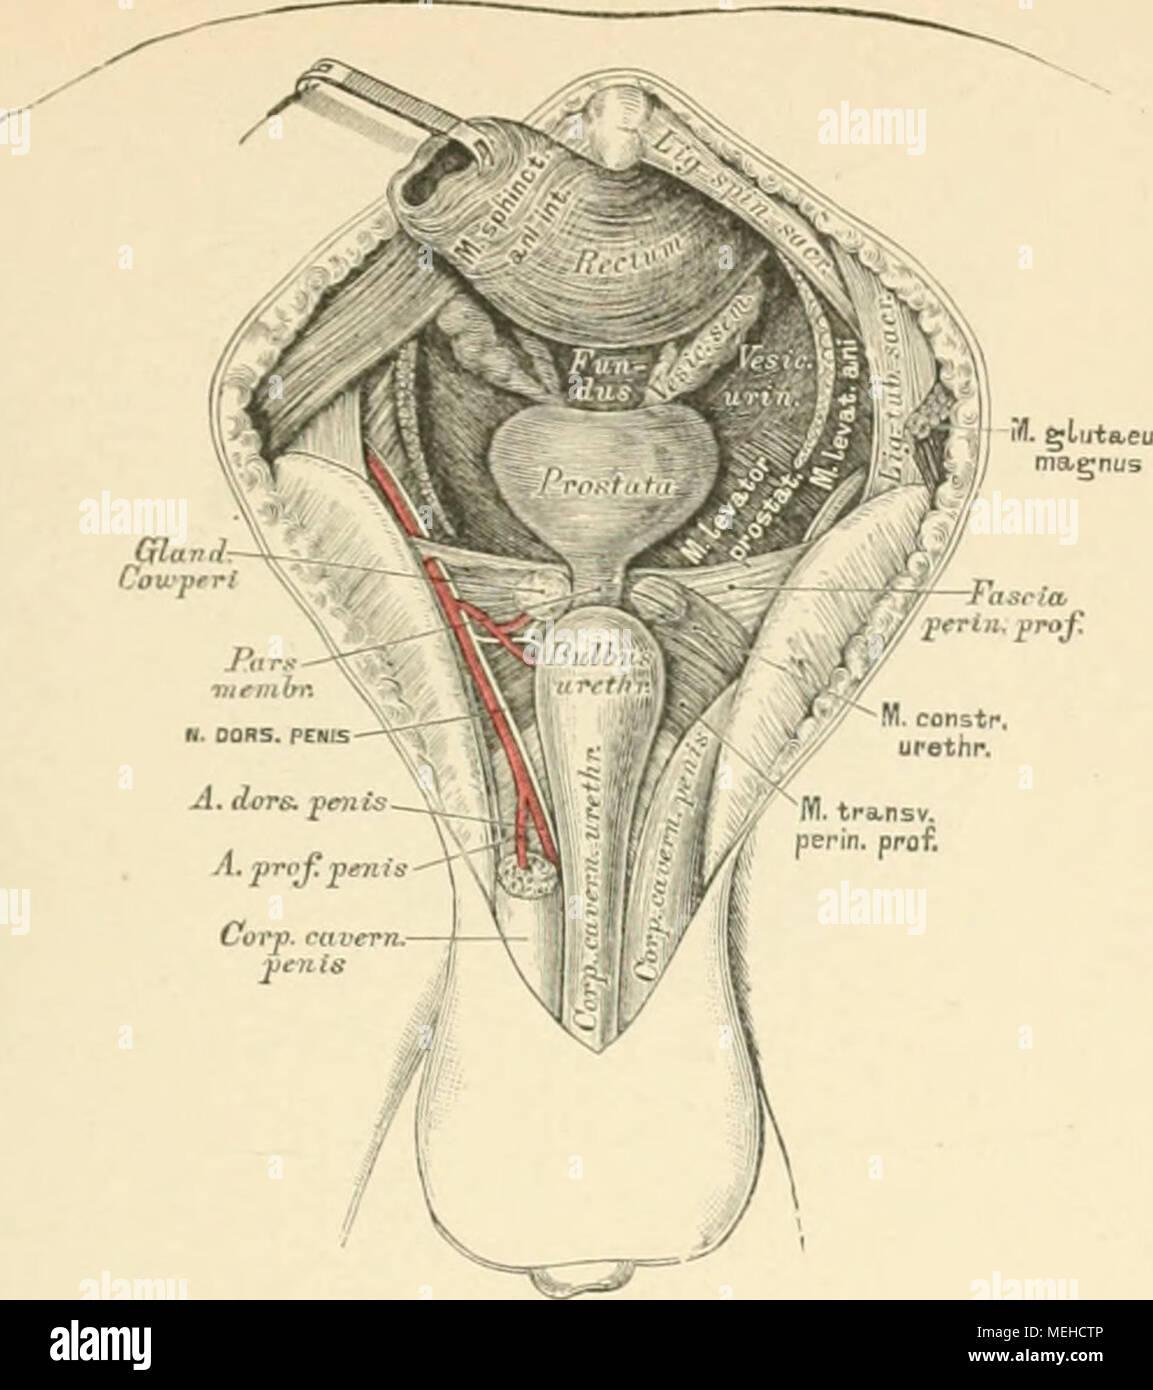 Urethrae Stock Photos & Urethrae Stock Images - Alamy